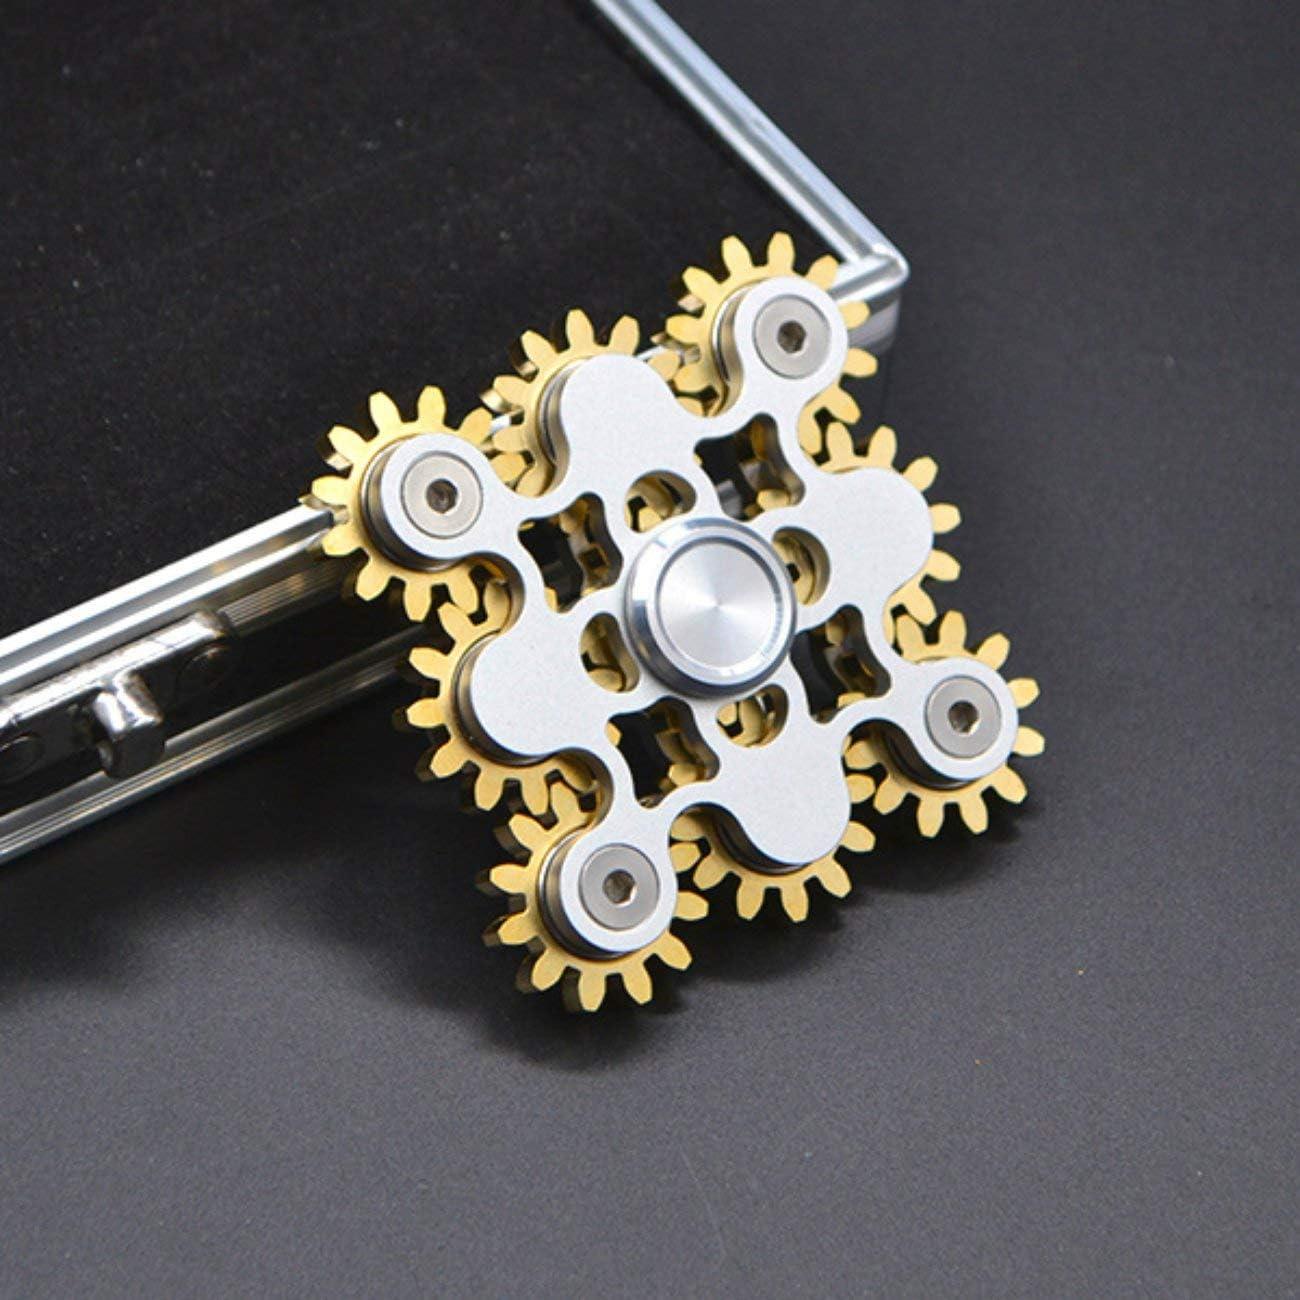 fengzong Hand Spinner Fidget Fun Fingertip Finger Stress Reliever Durable High Speed Silver /& 9 Gear